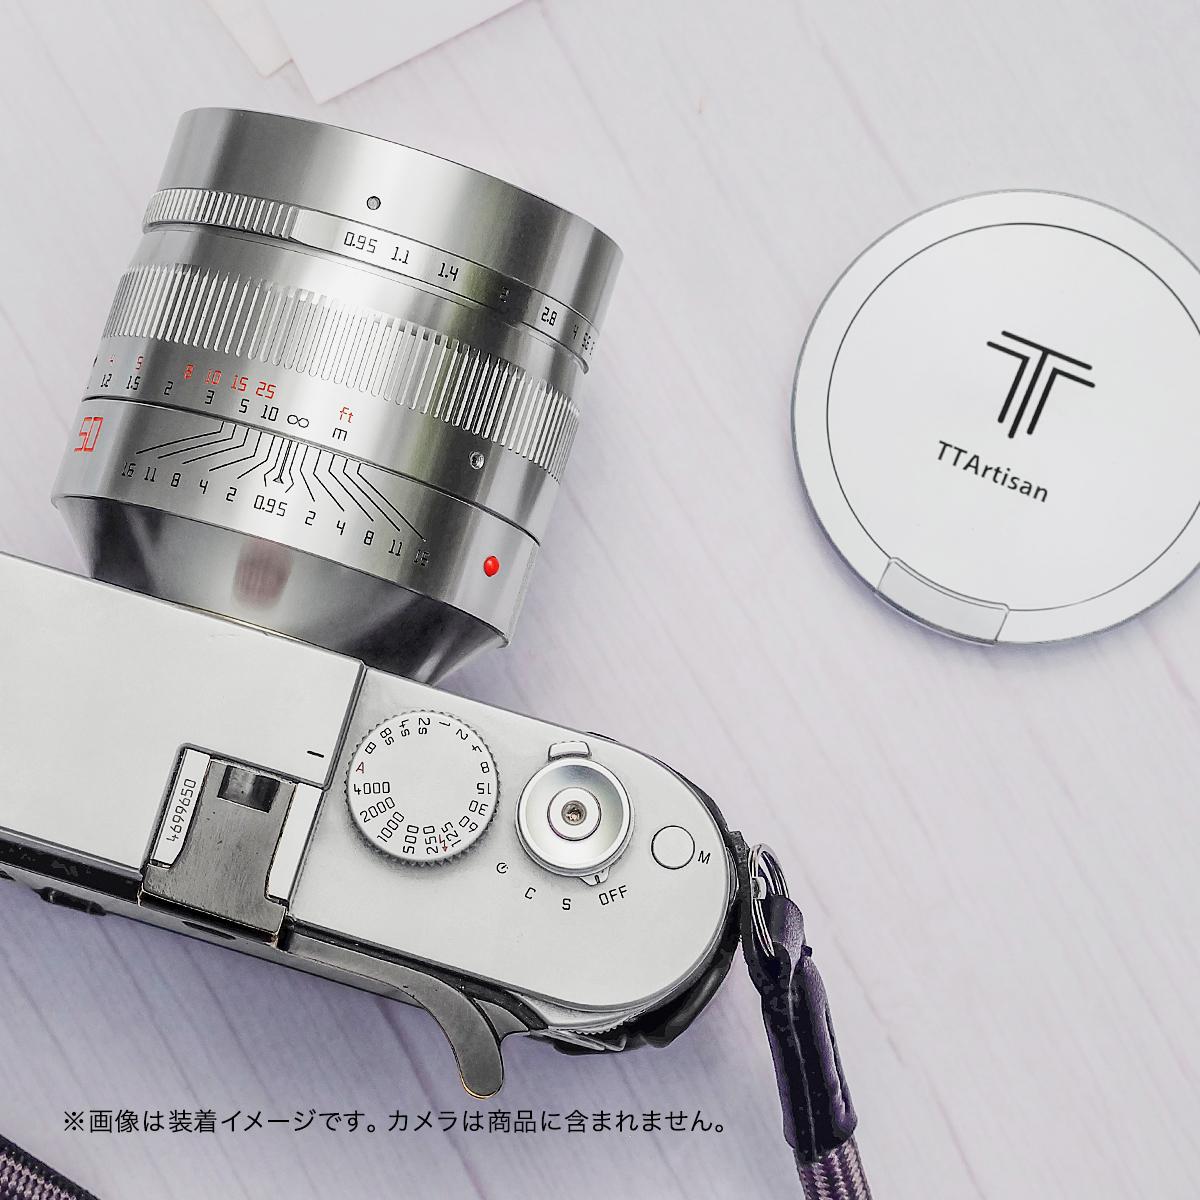 銘匠光学 TTArtisan 50mm f/0.95 ASPH 単焦点レンズ ステンレスシルバー ライカMマウント